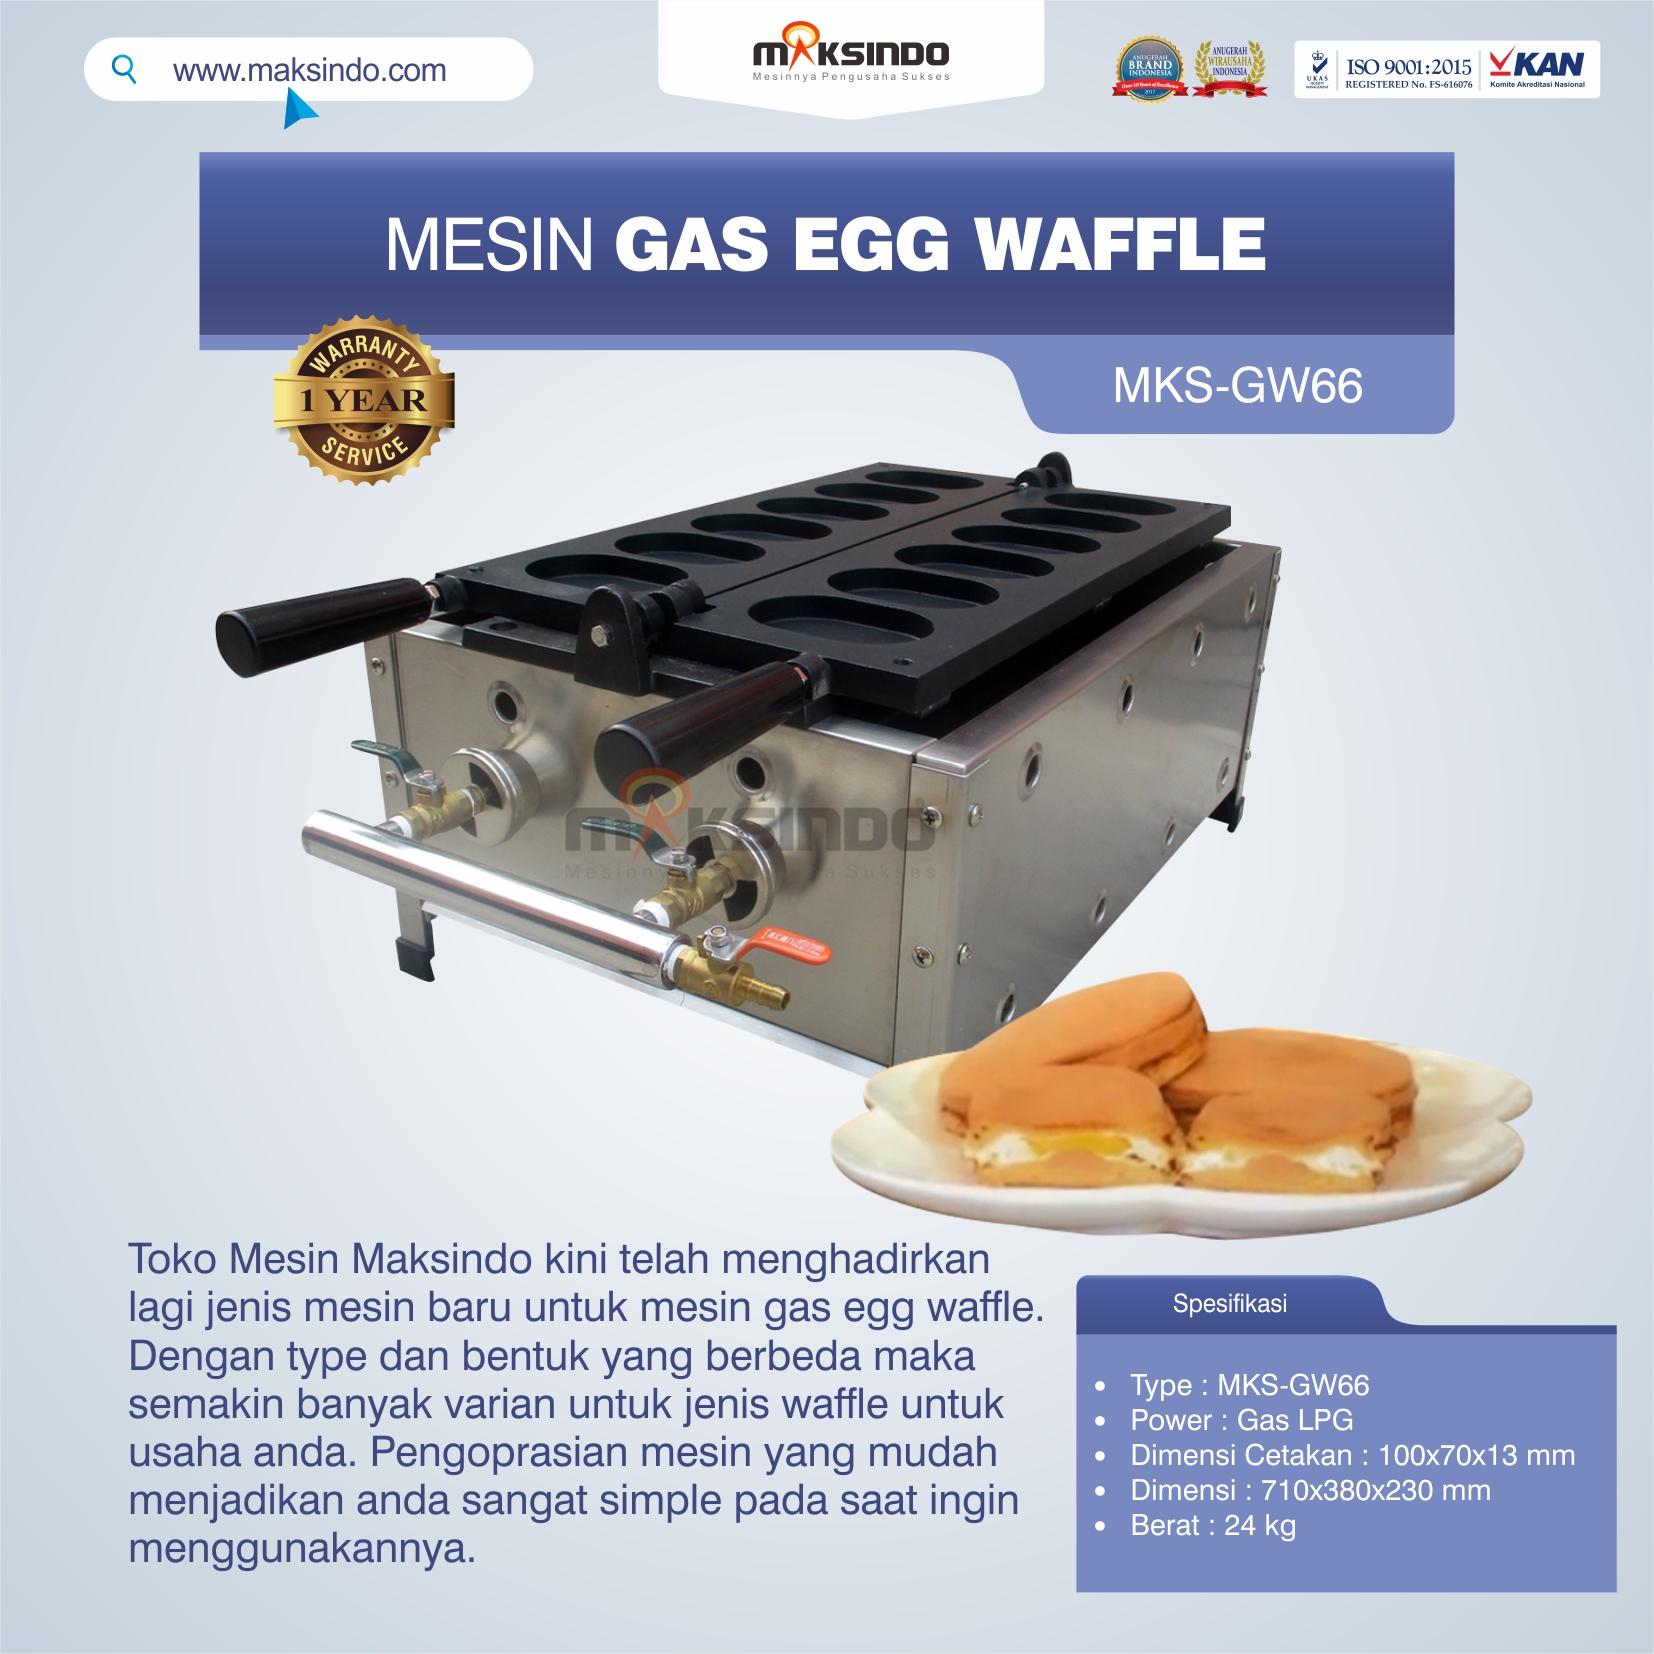 Jual Mesin Gas Egg Waffle MKS-GW66 di Semarang